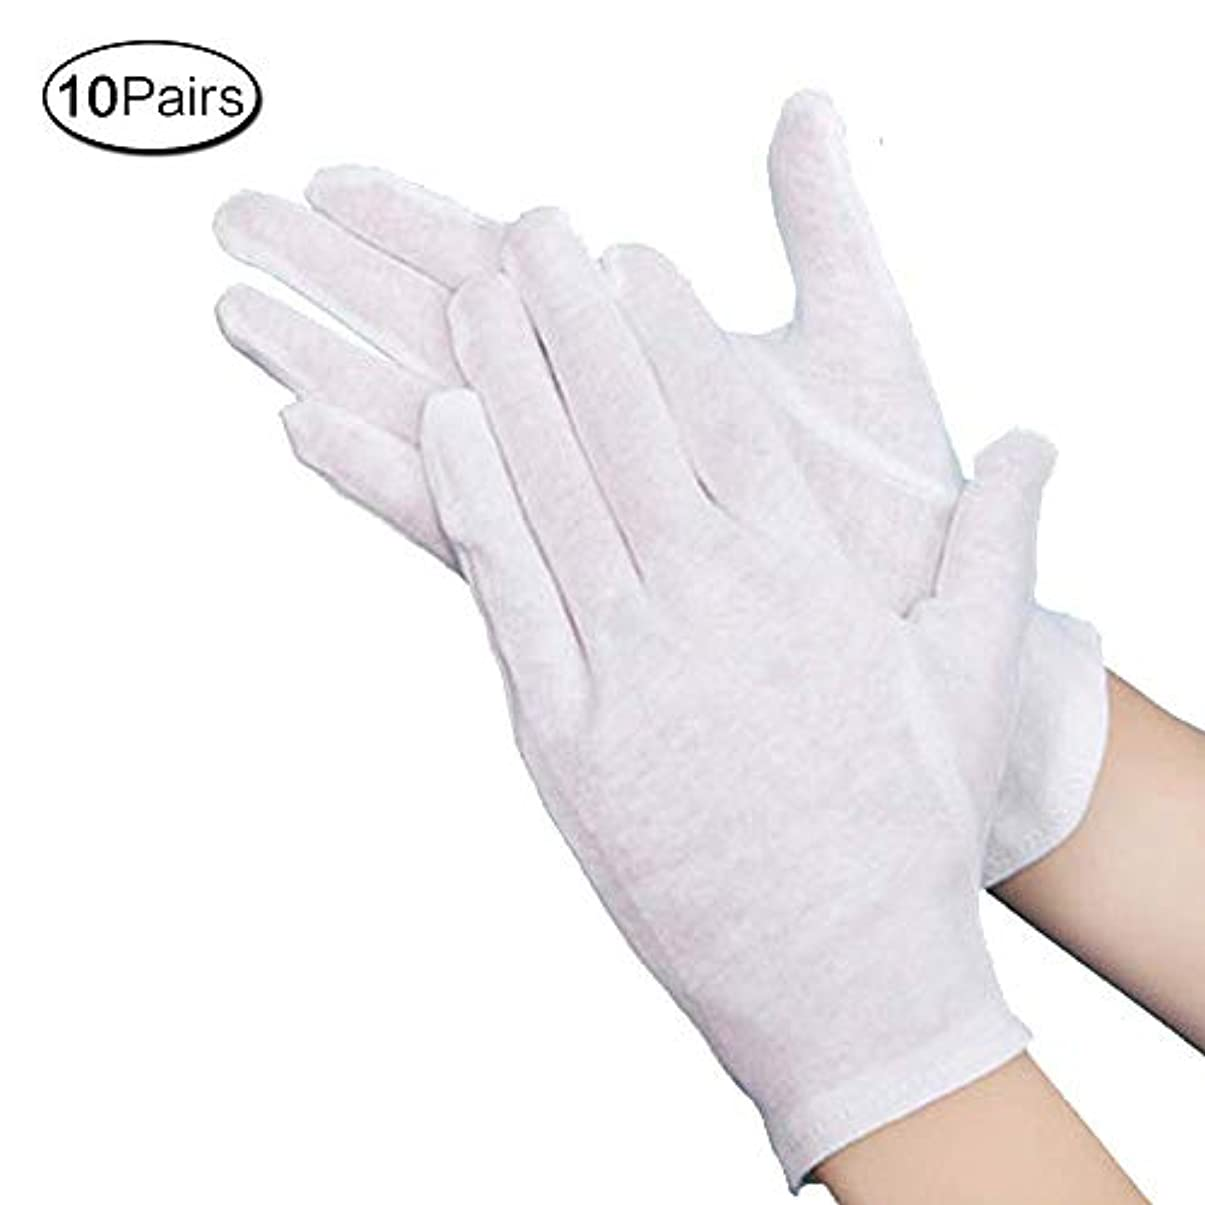 プレフィックス旋律的上陸綿手袋 純綿100% 通気性 コットン手袋 10双組 M